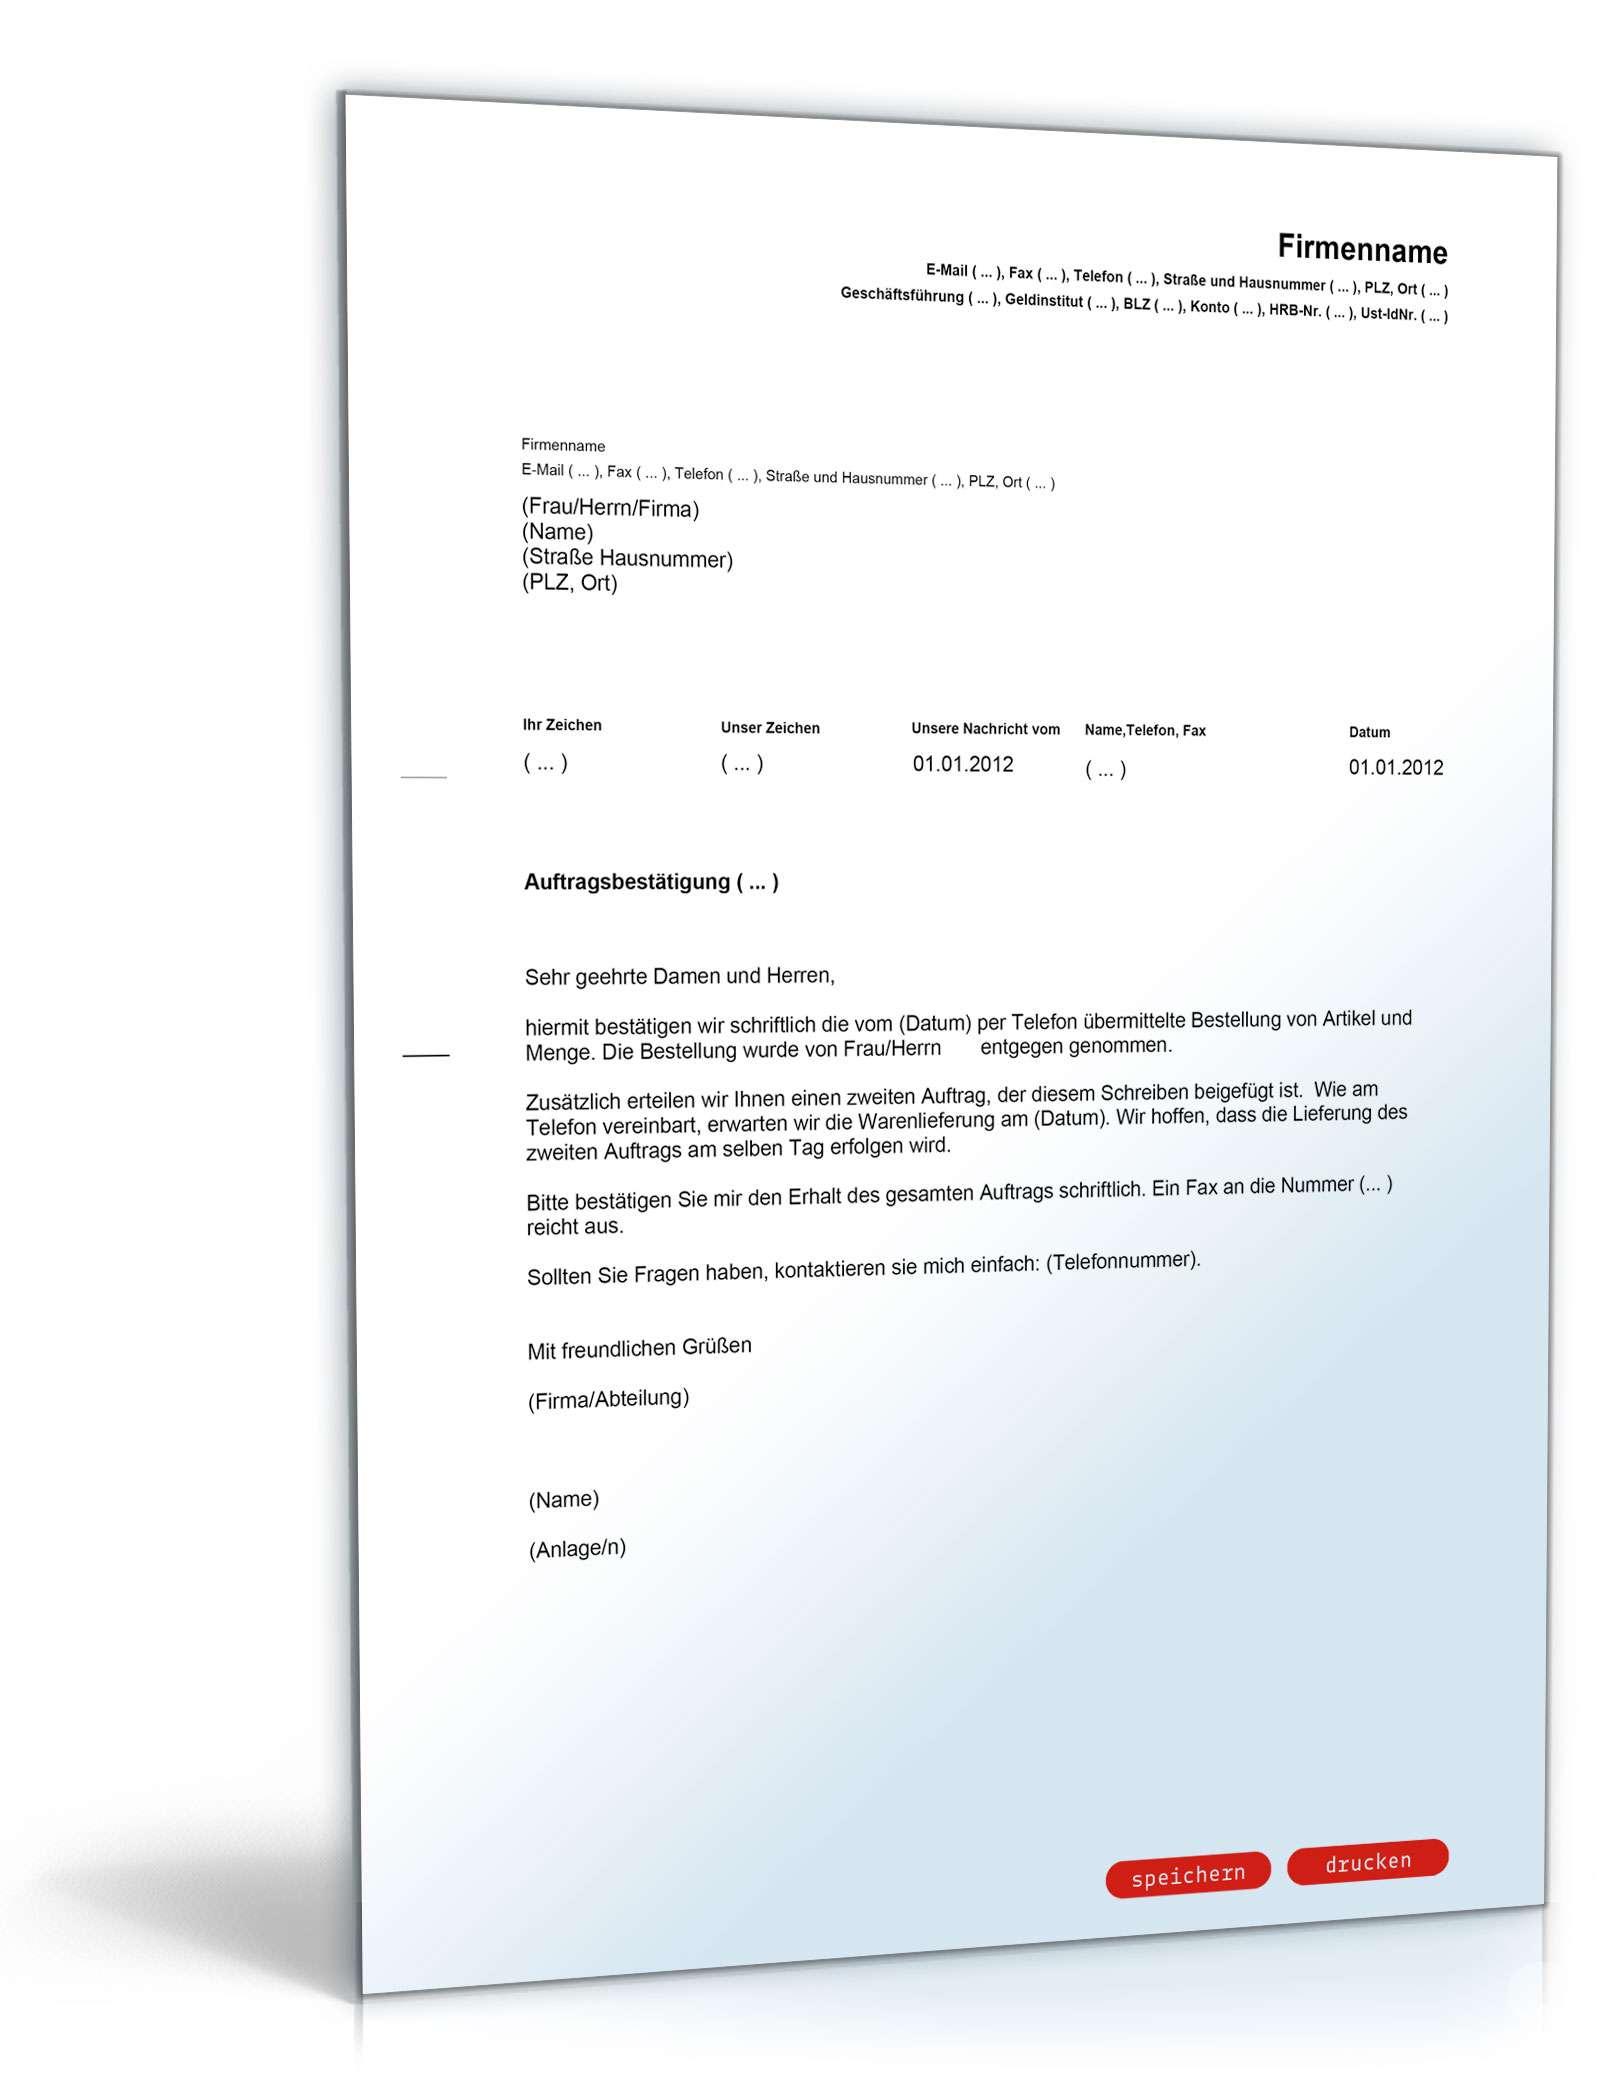 auftragsbesttigung muster brief zum download - Auftragsbestatigung Beispiel